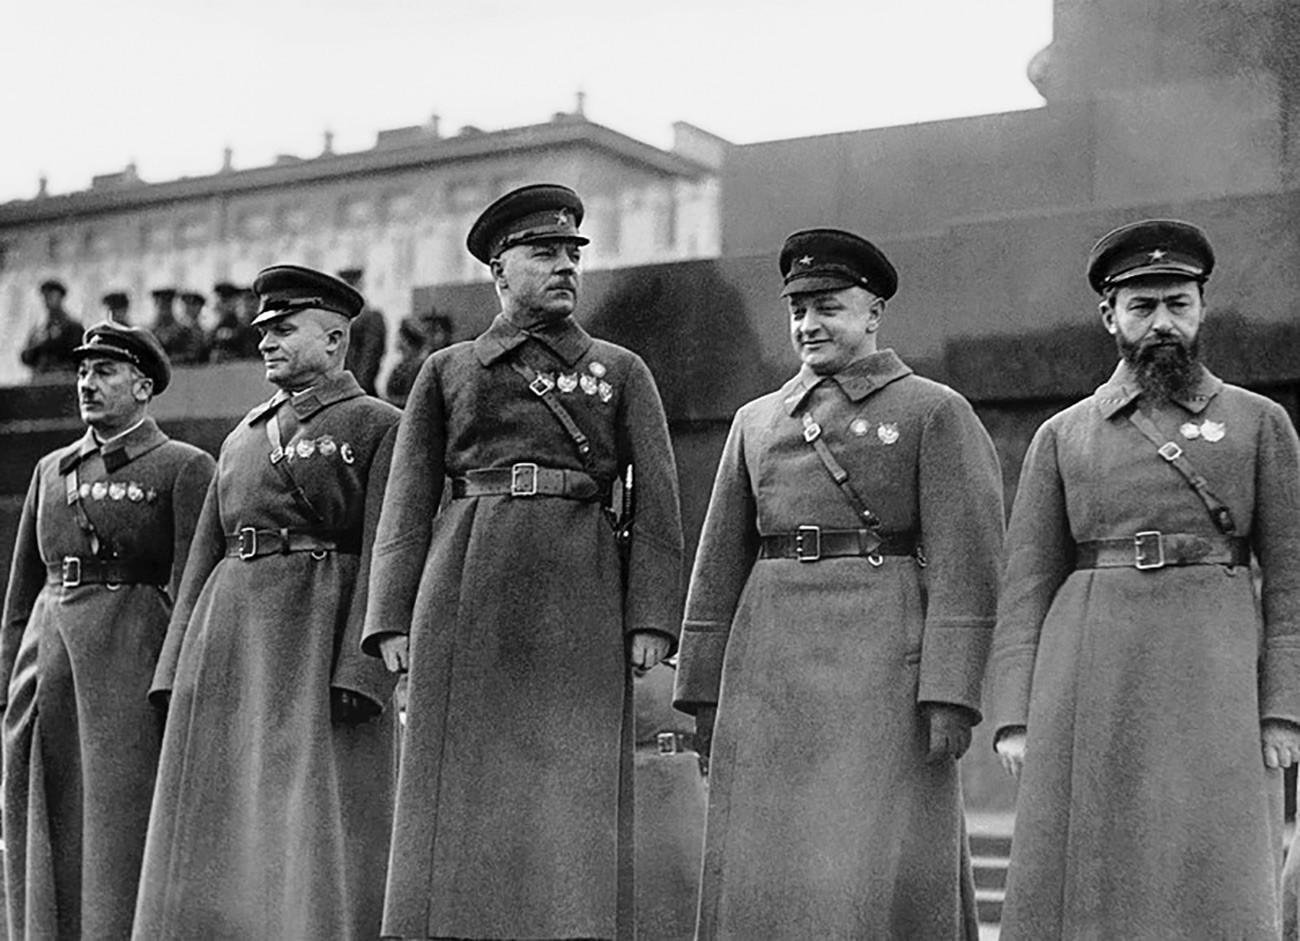 (左から)ゲンリフ・ヤゴーダ、アレクサンドル・エゴロフ、クリメント・ヴォロシーロフ、ミハイル・トゥハチェフスキー、ヤン・ガマリニク